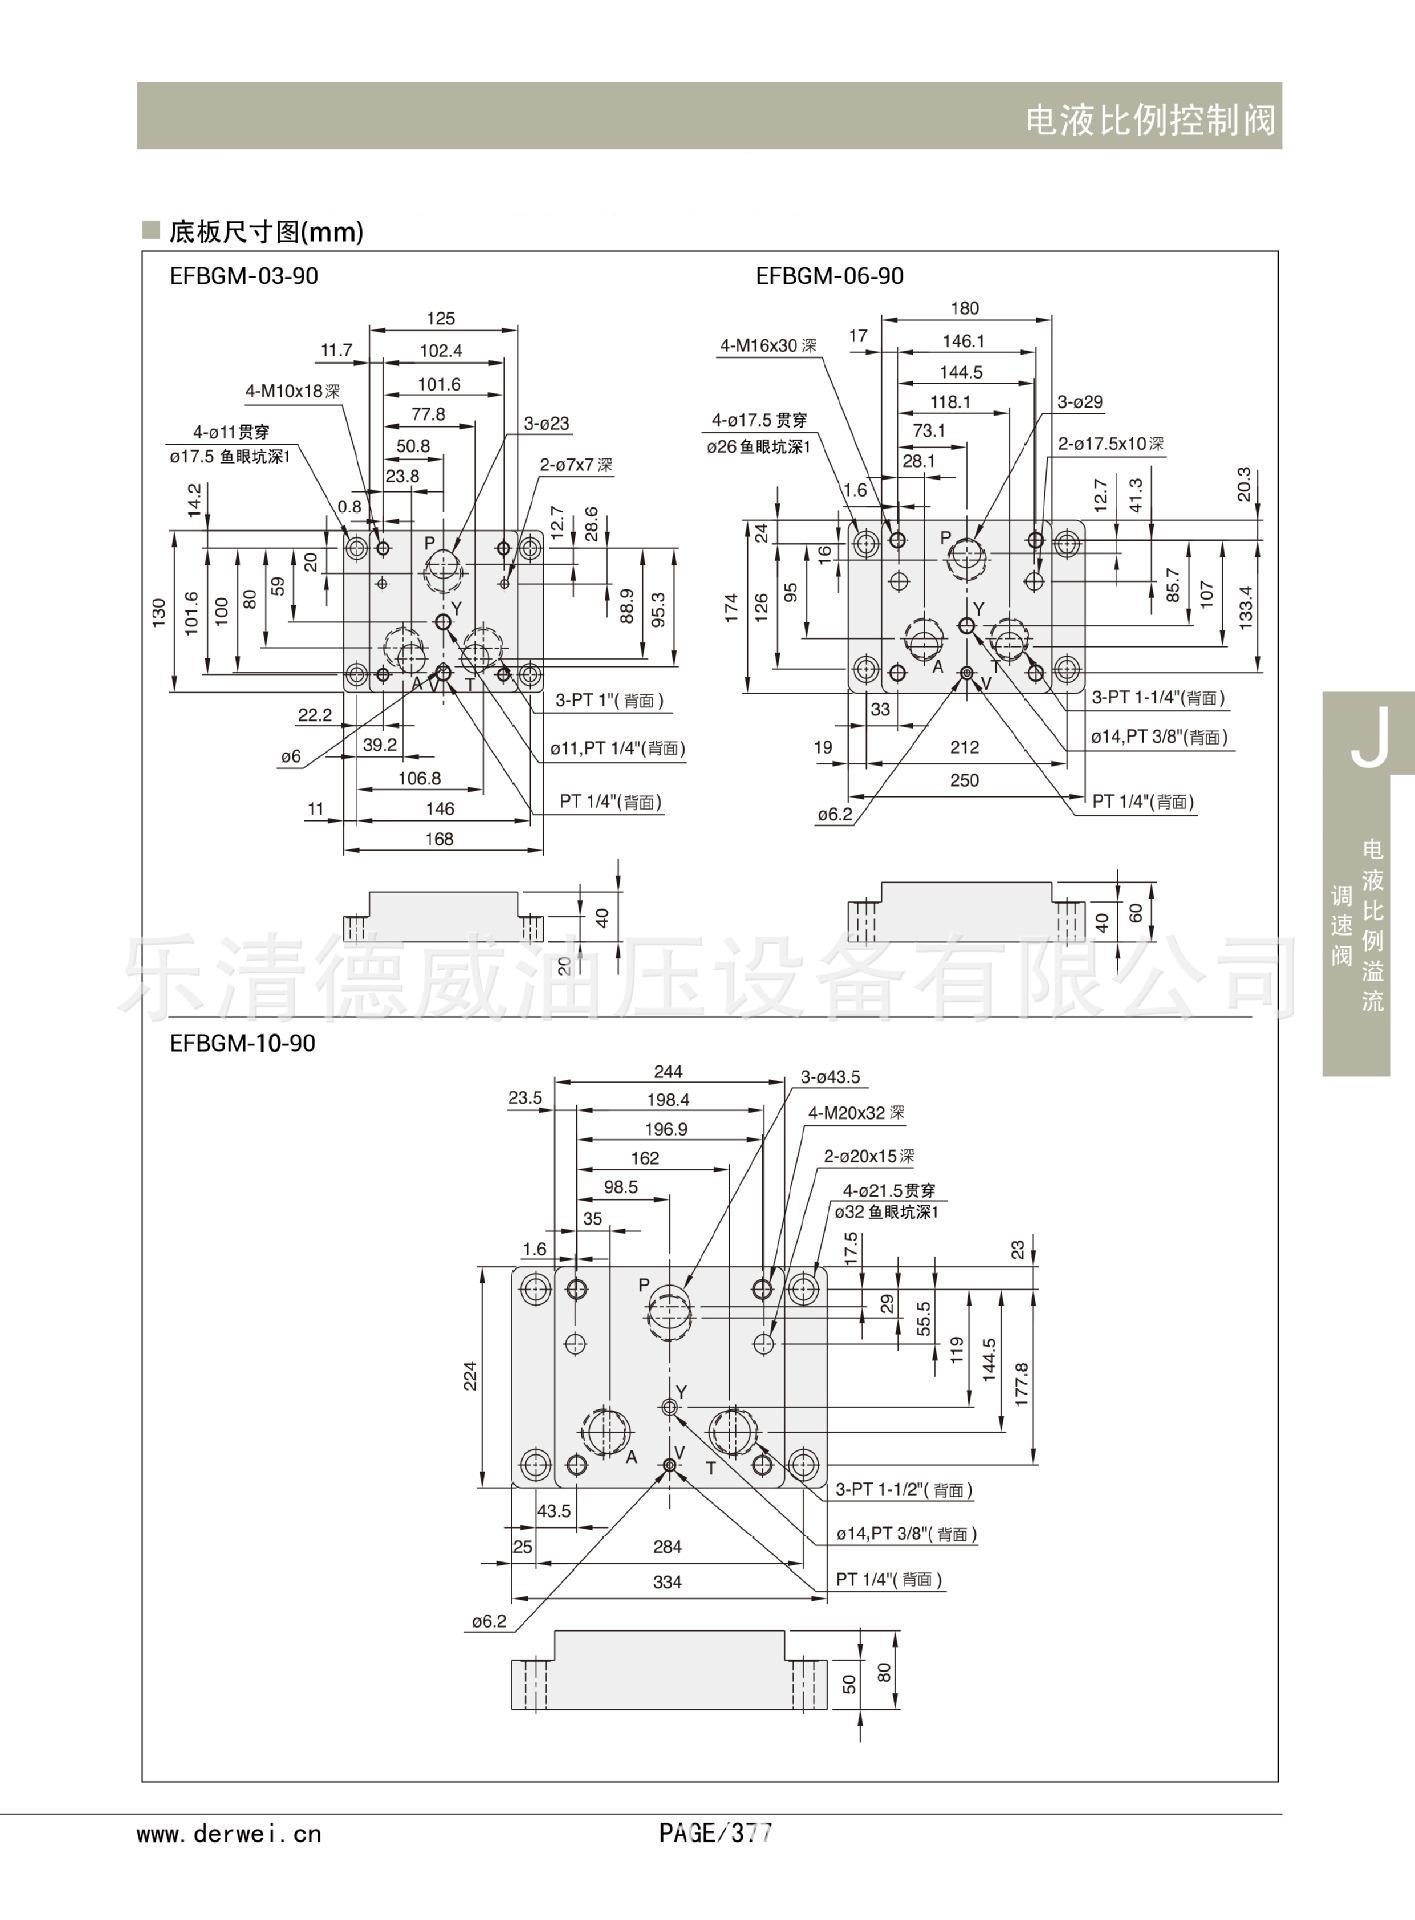 液压阀 efbg-03,06,10 系列电液比例溢流调速阀批发图片